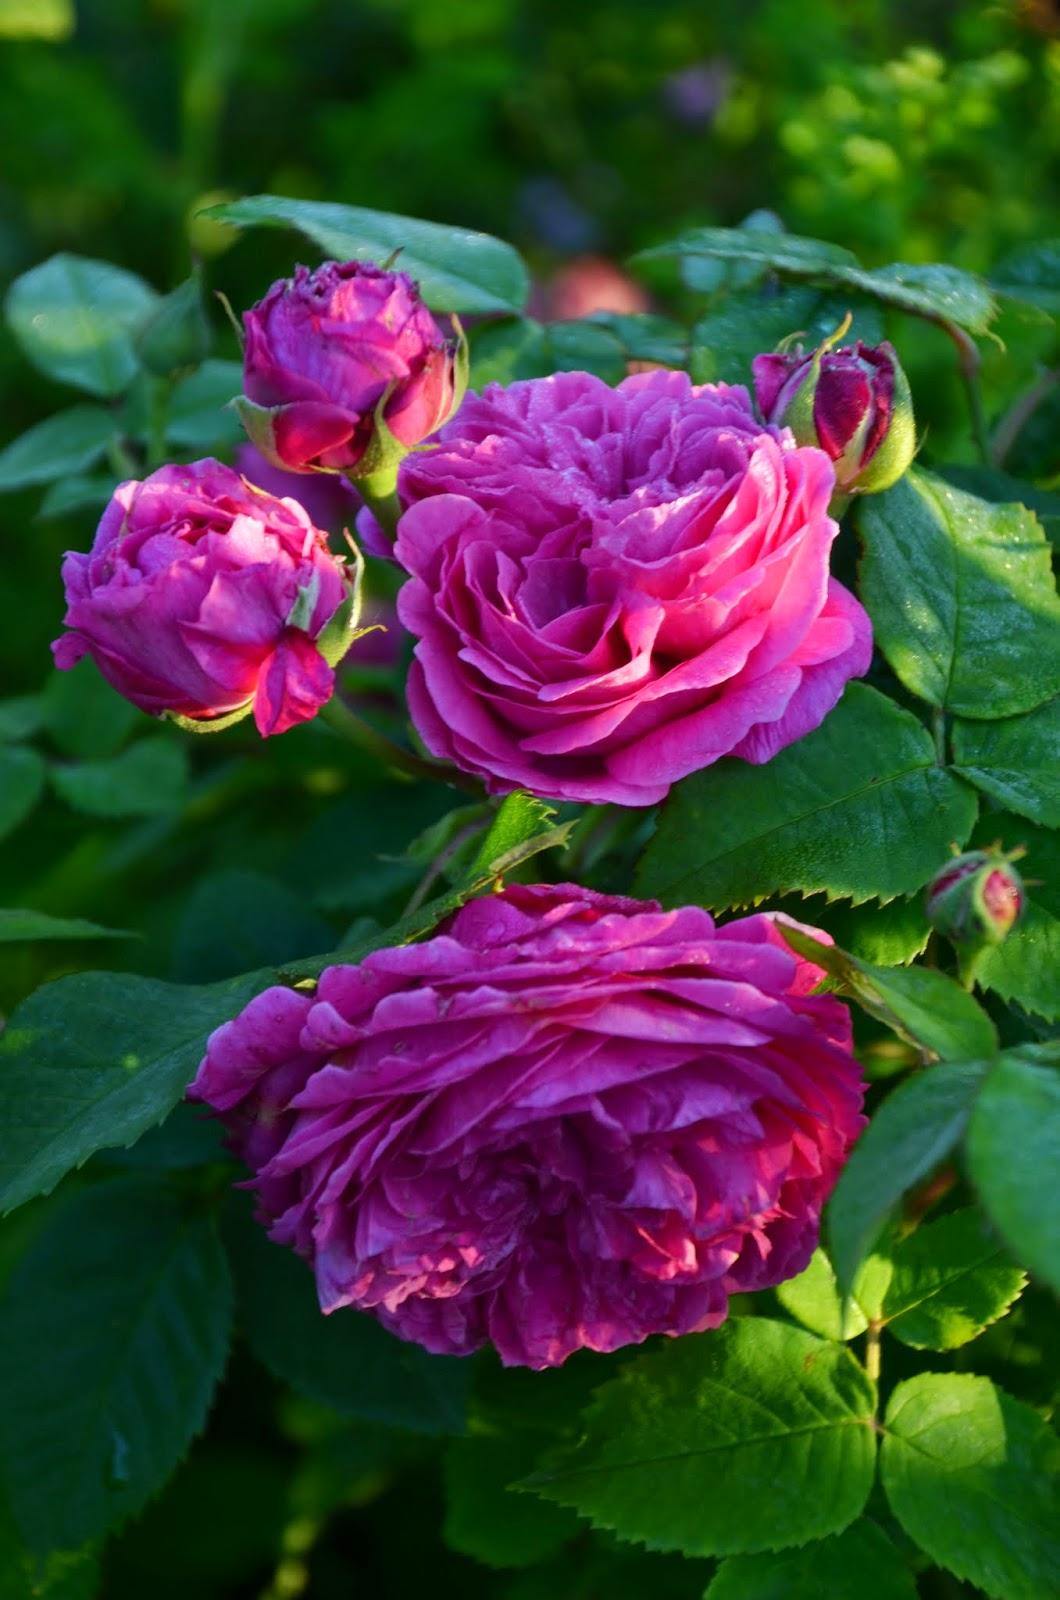 Mon jardin mes merveilles roses entre ombre et lumi re 3 3 for Jardin ombre et lumiere